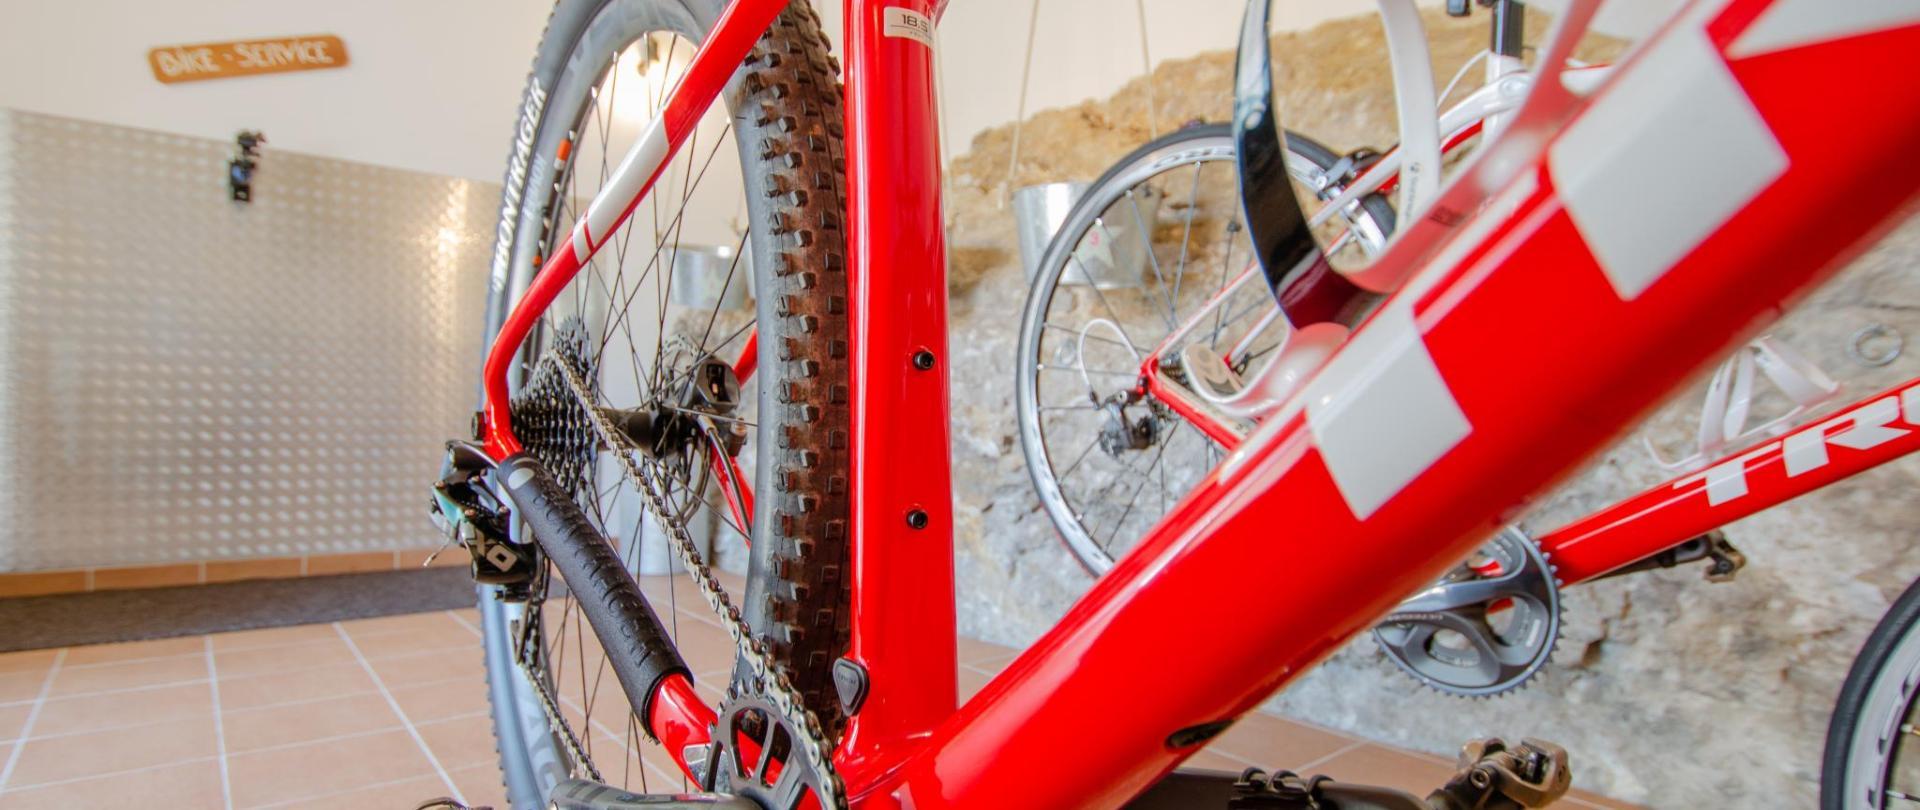 dep bike 4.jpg